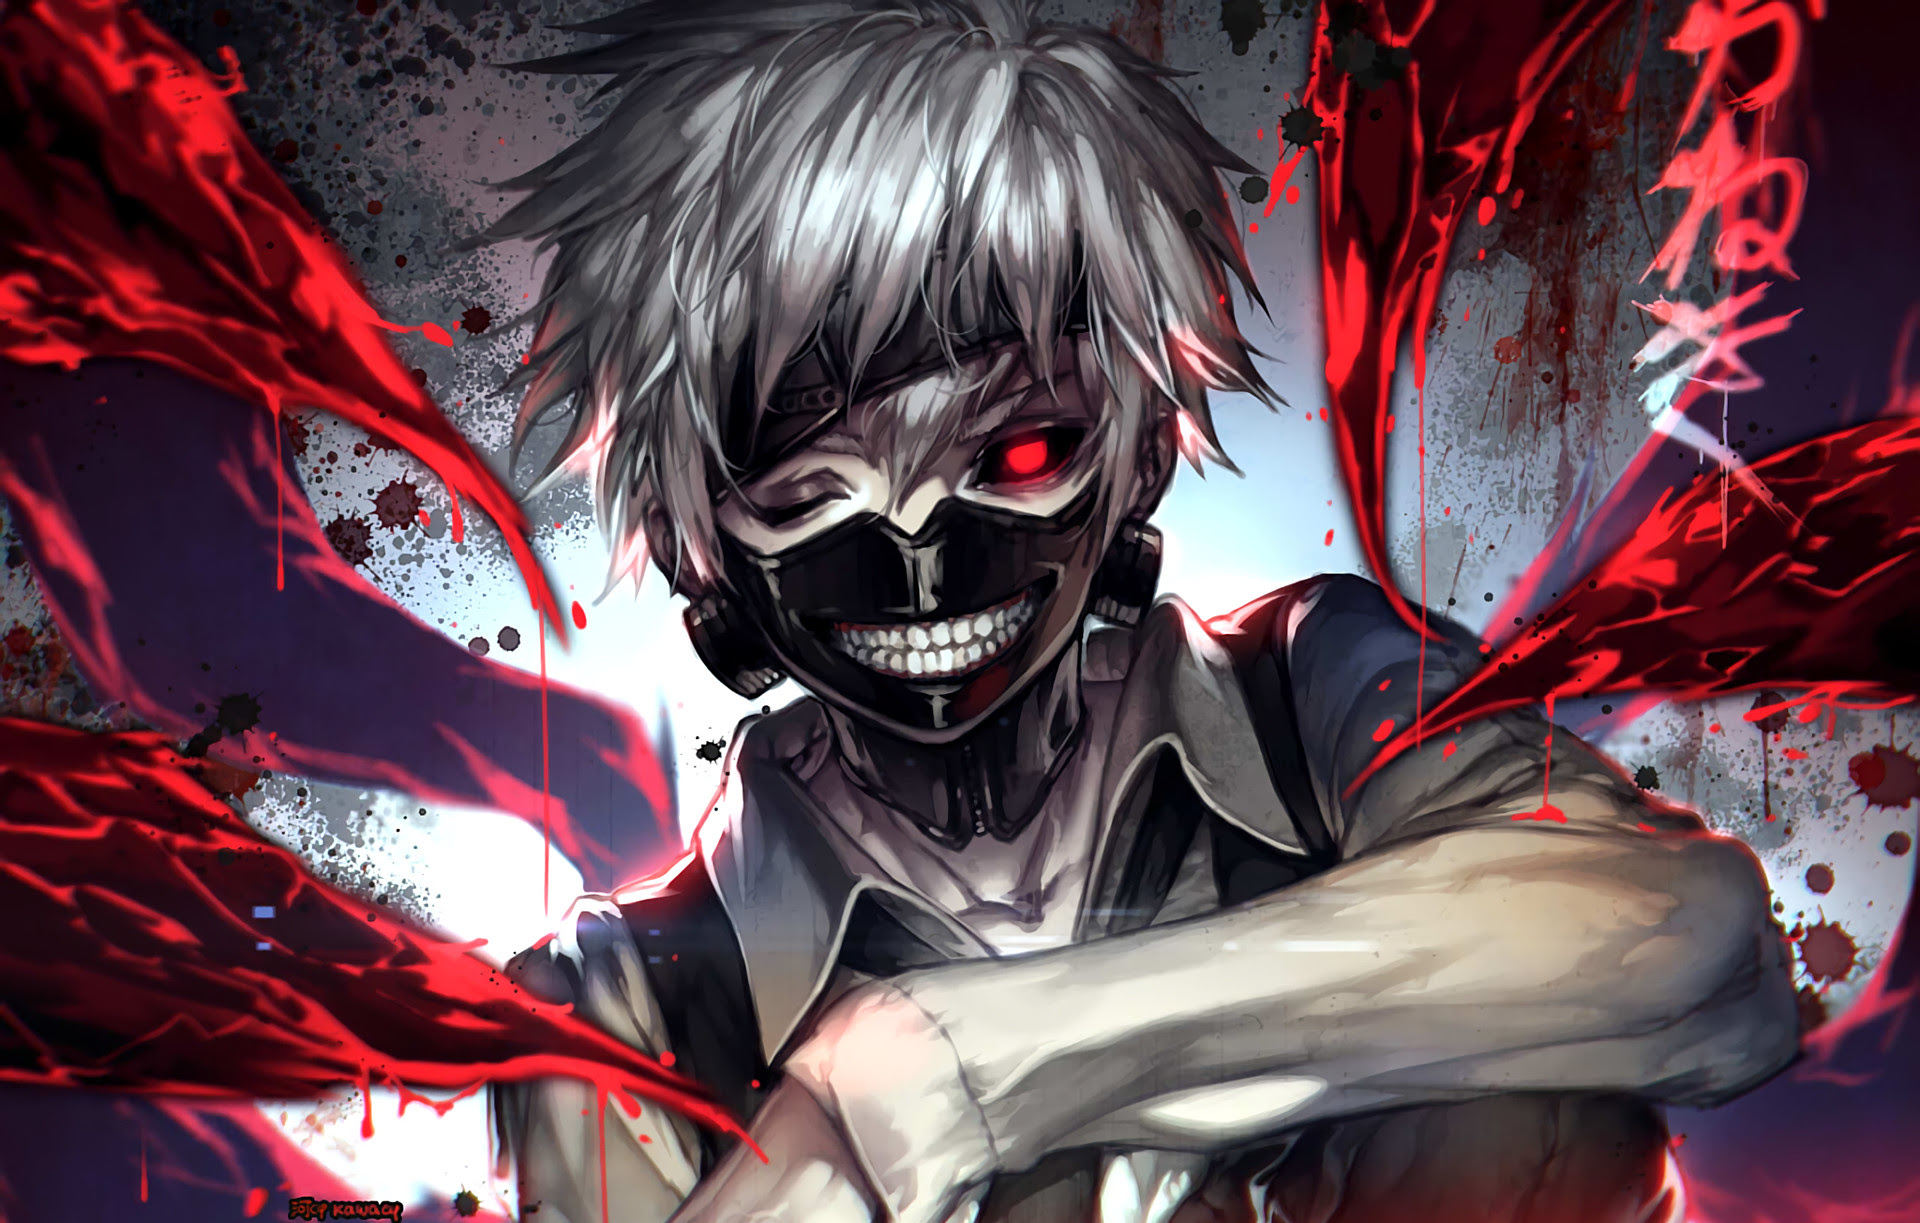 Tokyo Ghoul Kaneki Ken Wallpaper 78 Images